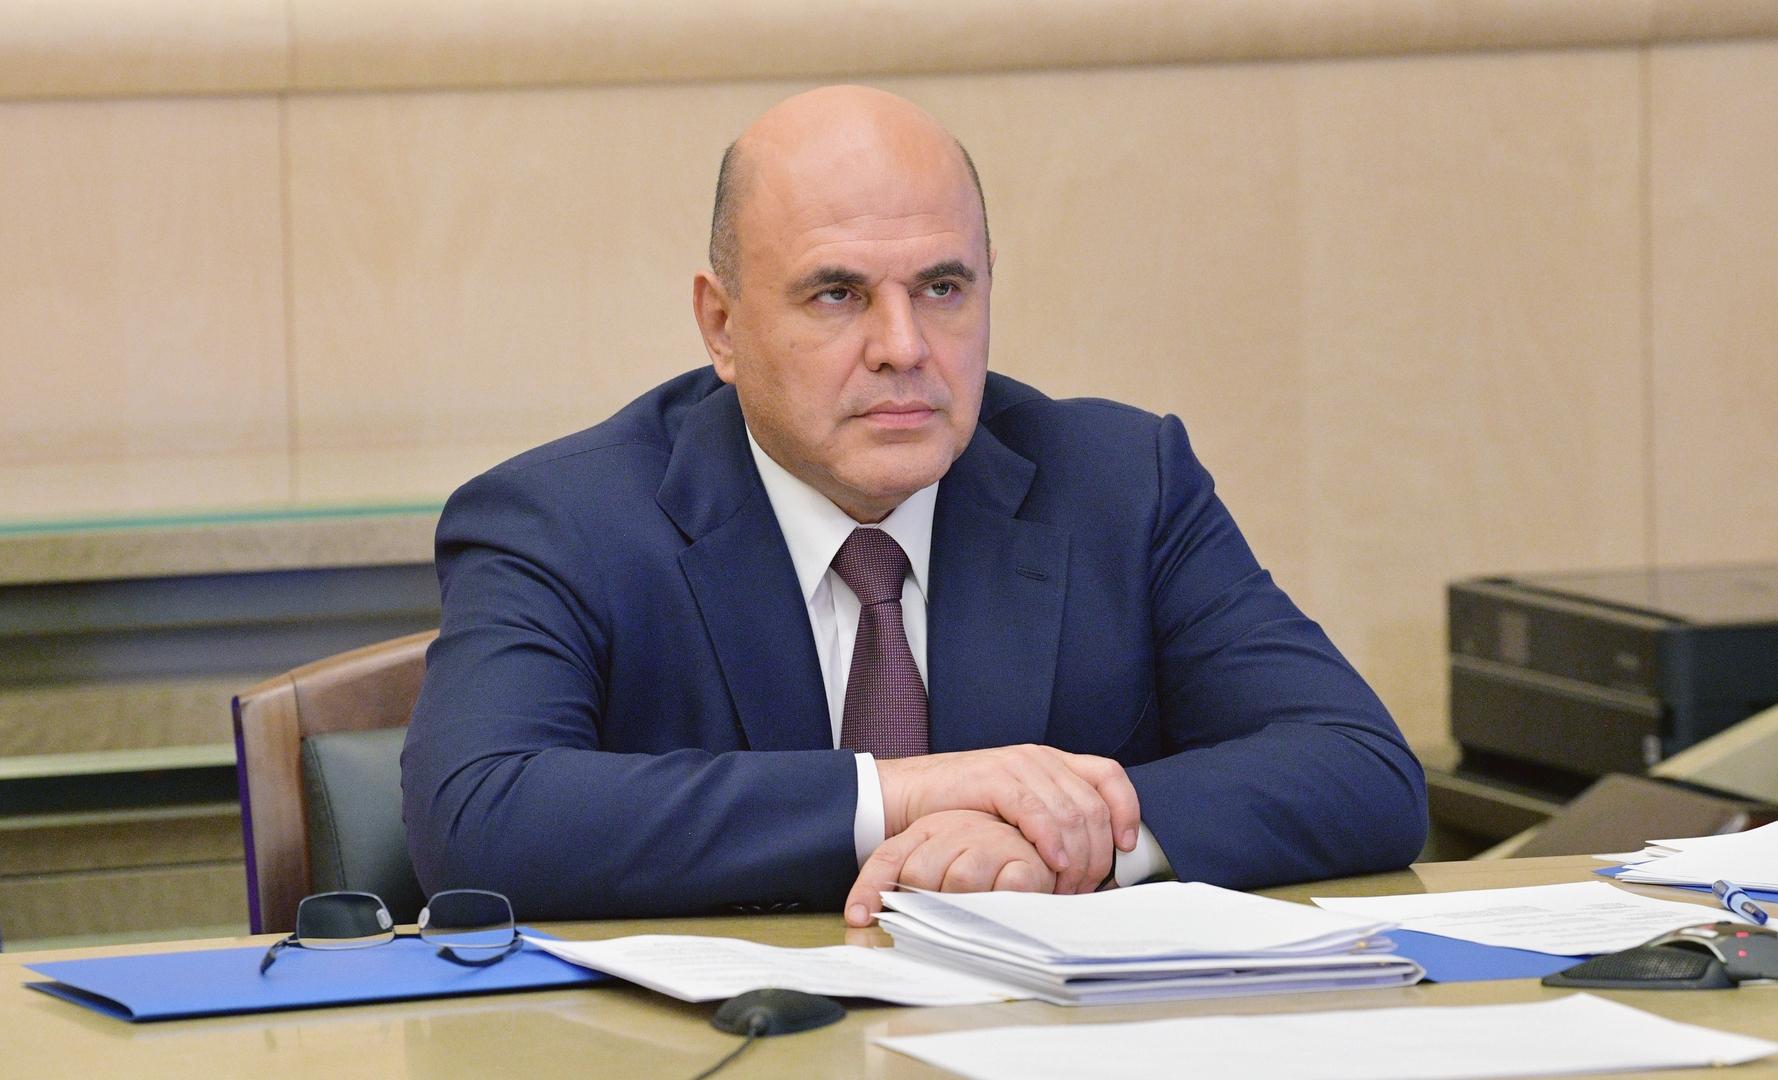 رئيس الحكومة الروسية: إعادة هيكلة ميزان الطاقة العالمي تحد رئيسي للاقتصاد الوطني